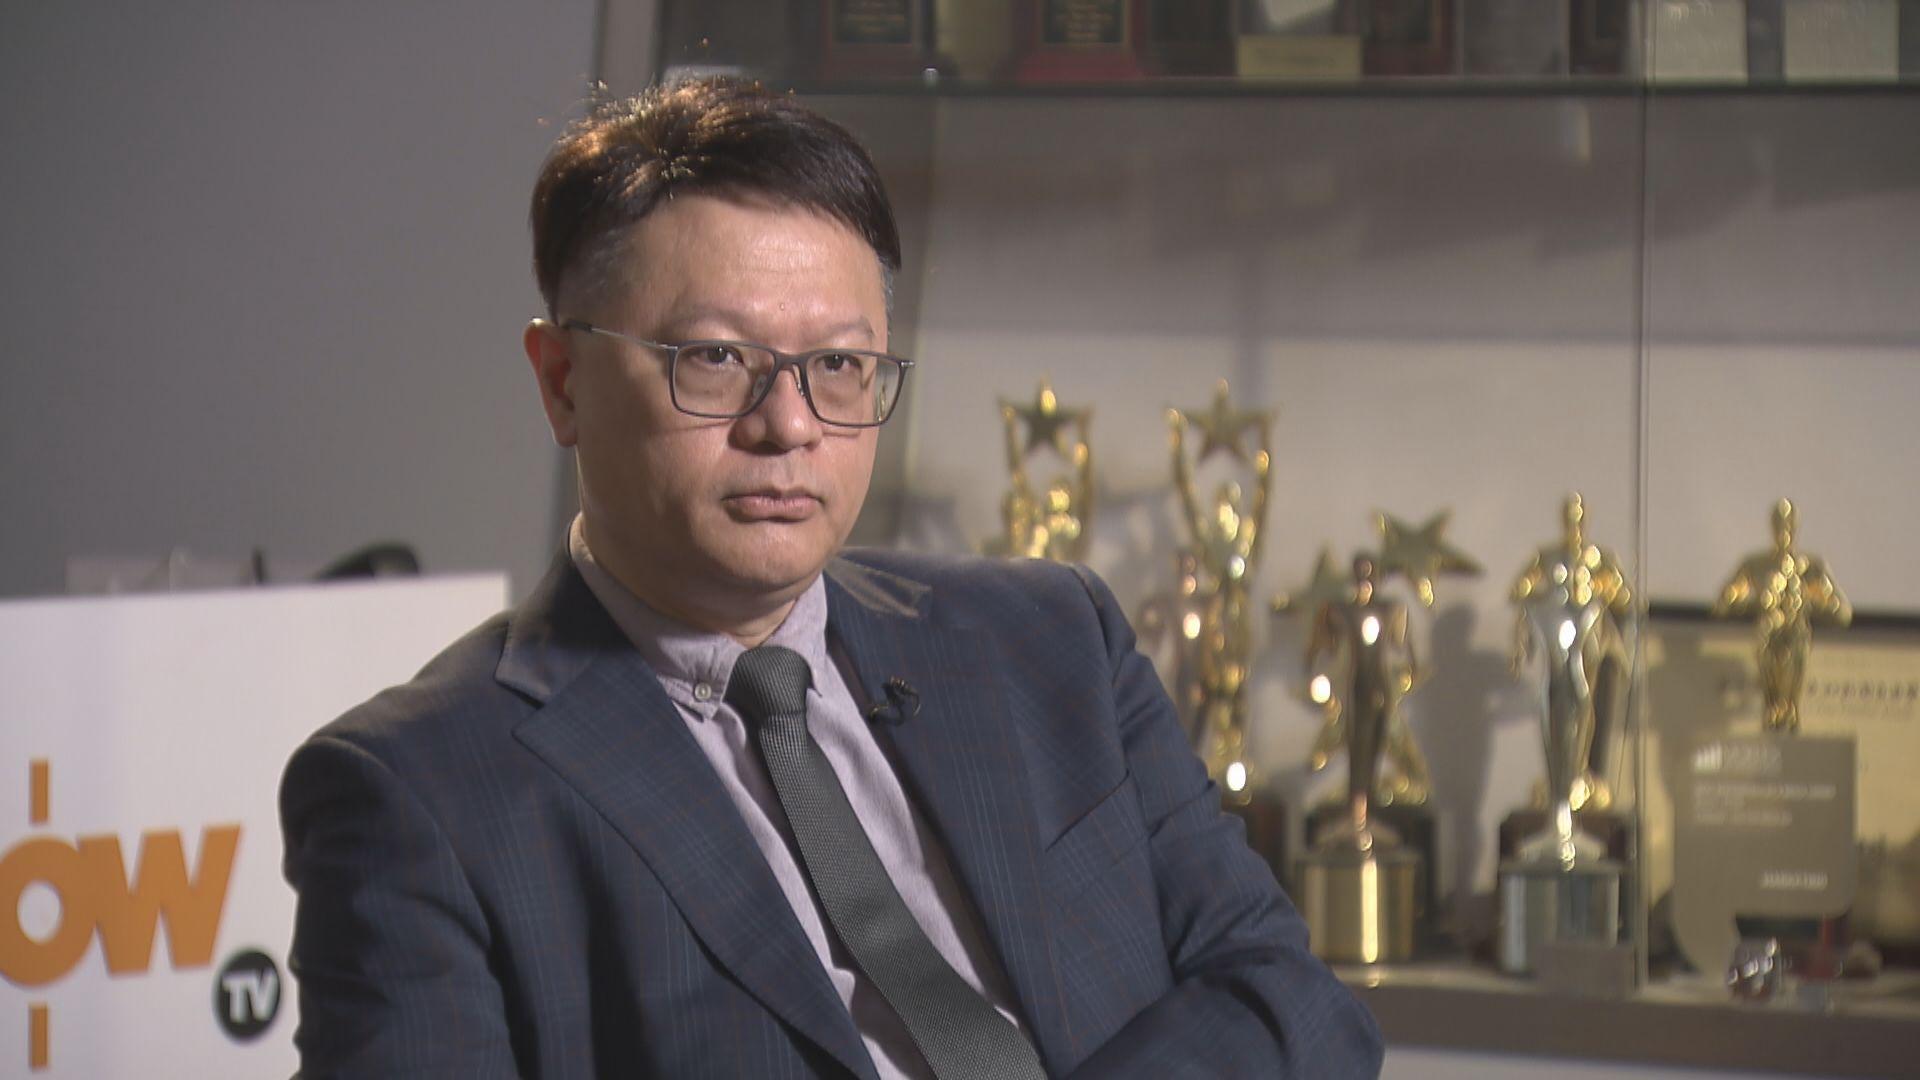 許樹昌:市民病徵持續一兩天應做病毒檢測